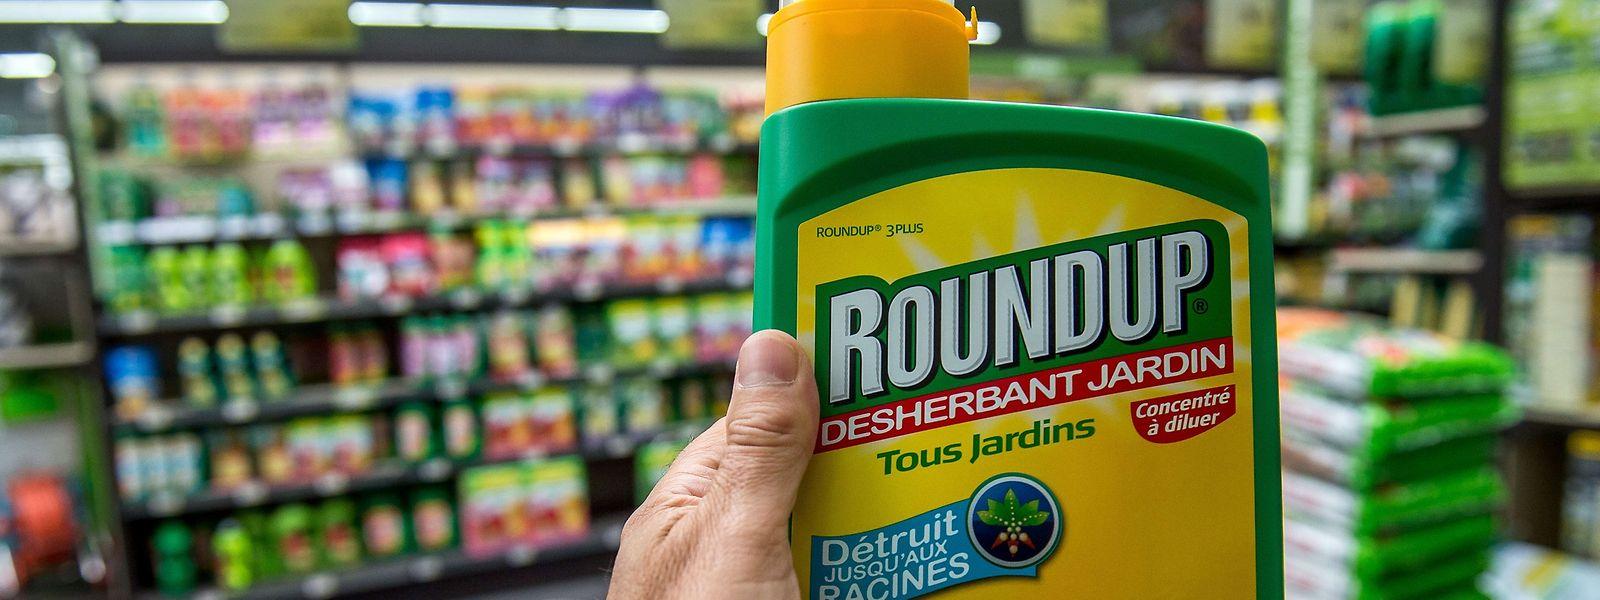 """Monsantos """"Roundup"""" ist das bekannteste Produkt auf Glyphosat-Basis. Das Mittel verschwindet mehr und mehr aus den Supermarktregalen."""